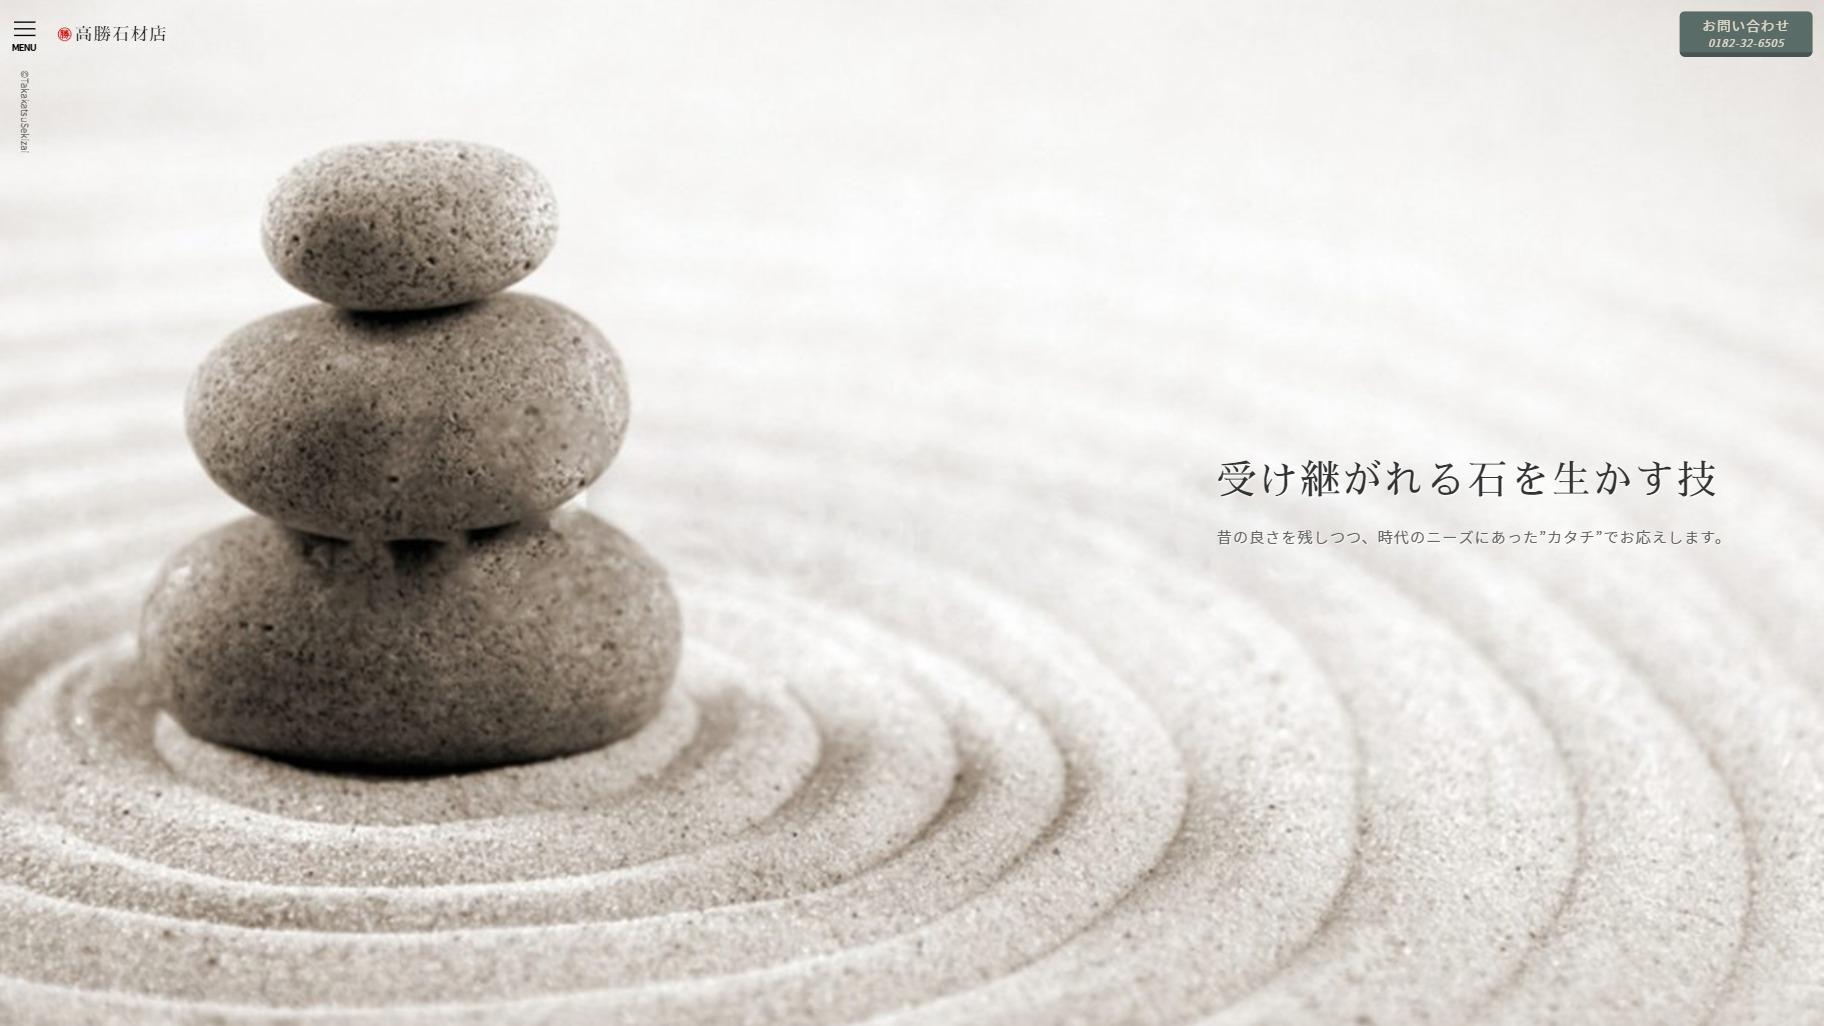 高勝石材店様のサイトイメージ